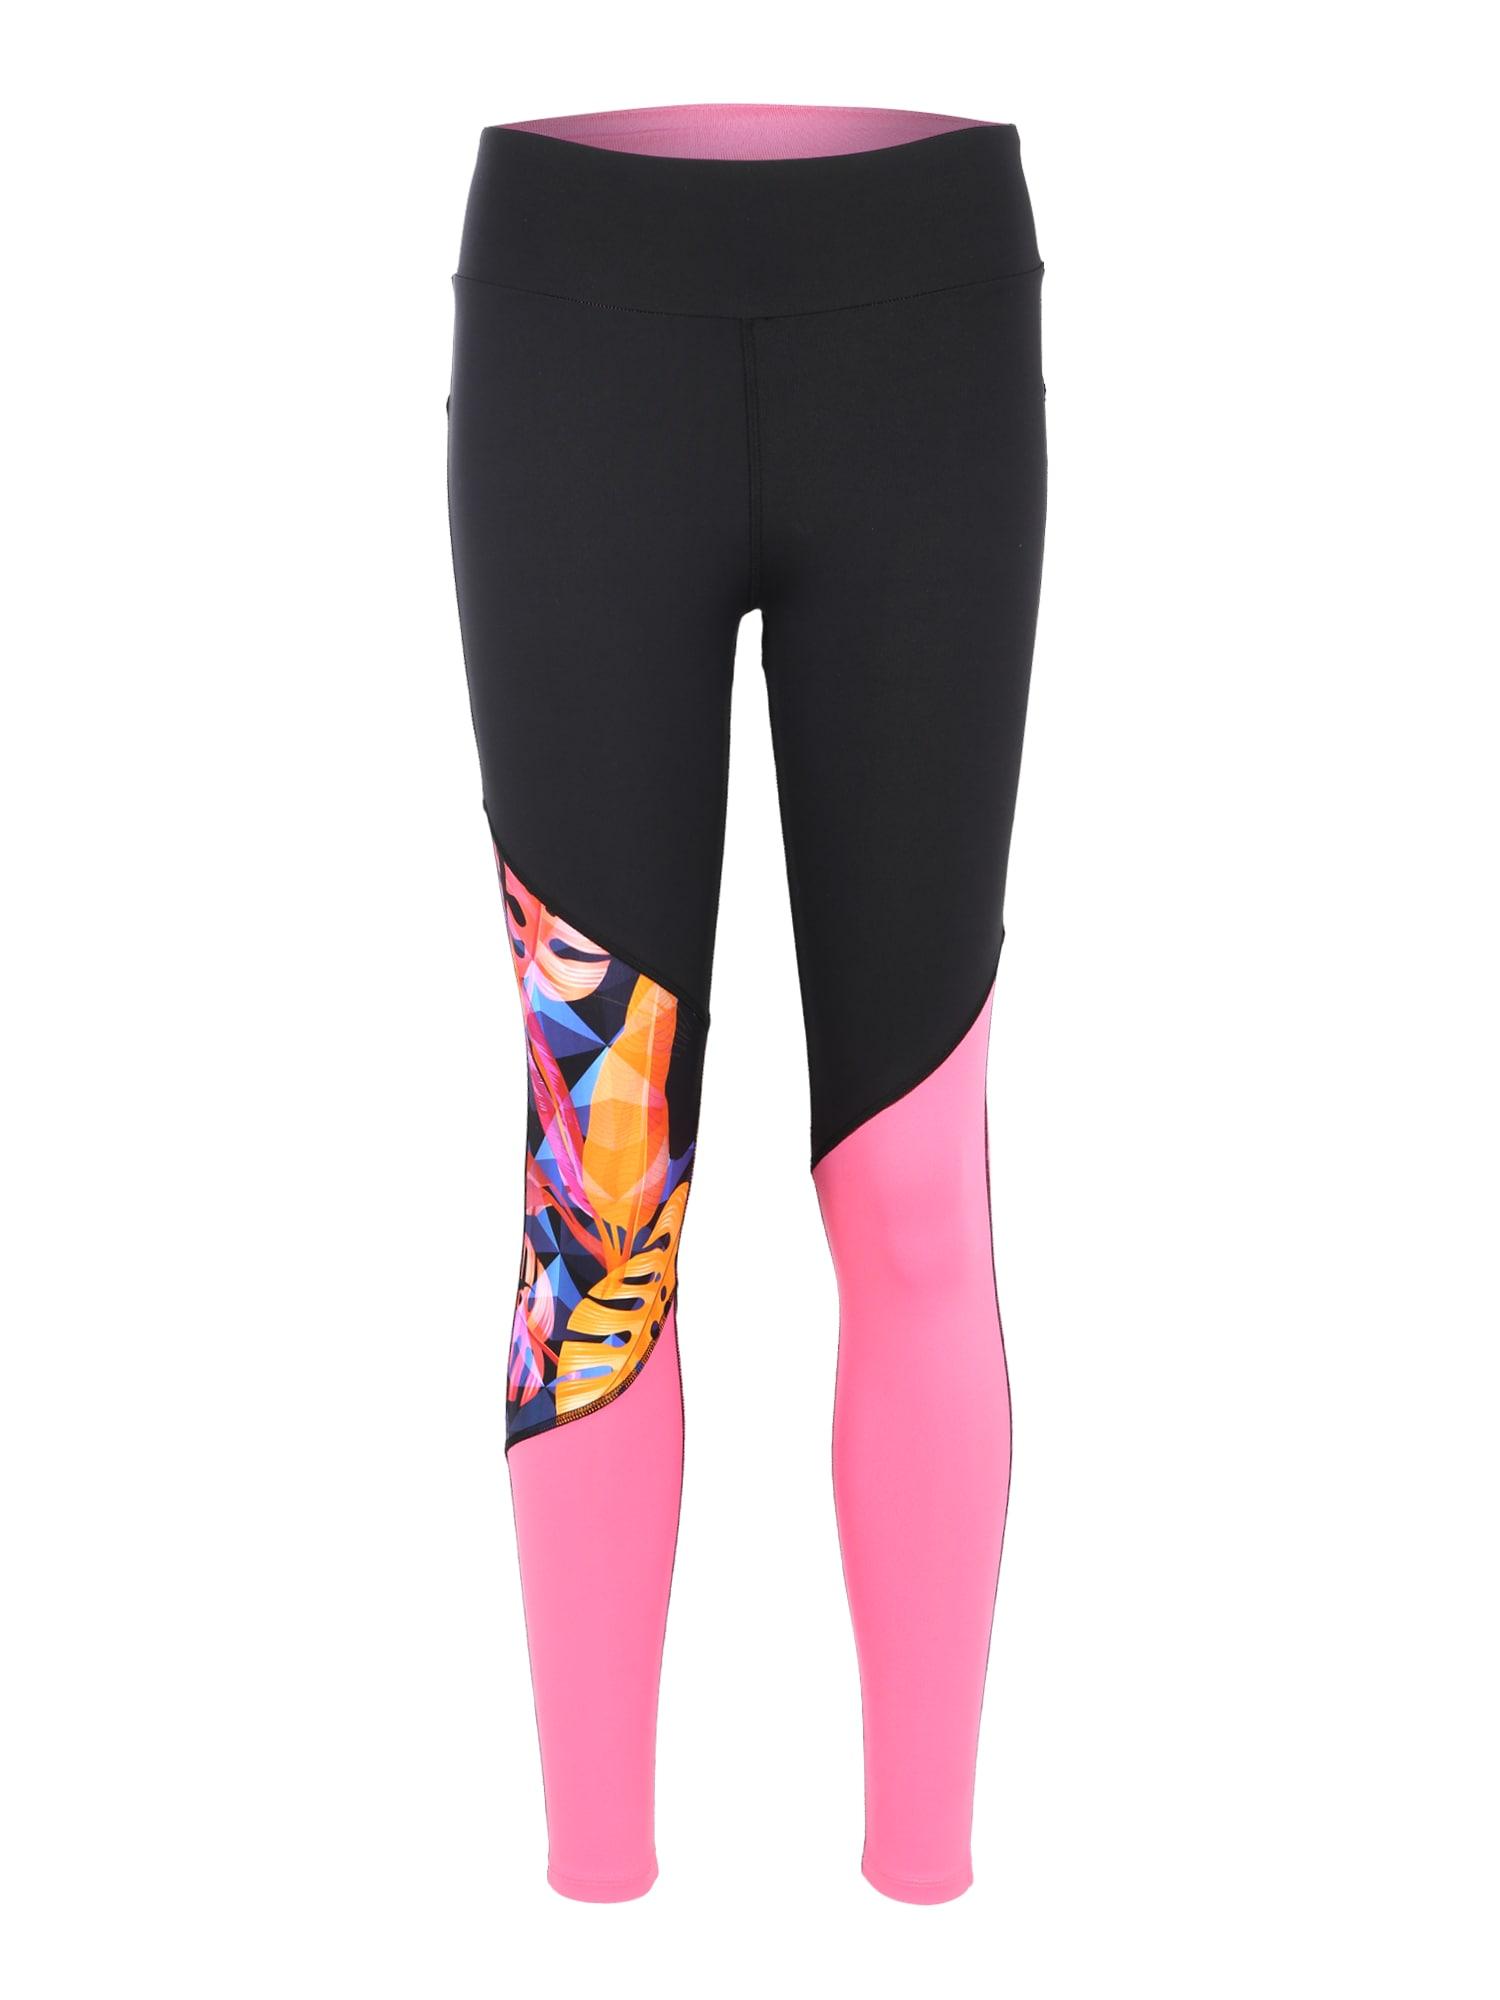 Sportovní kalhoty Panther Block Pink mix barev pink černá Hey Honey